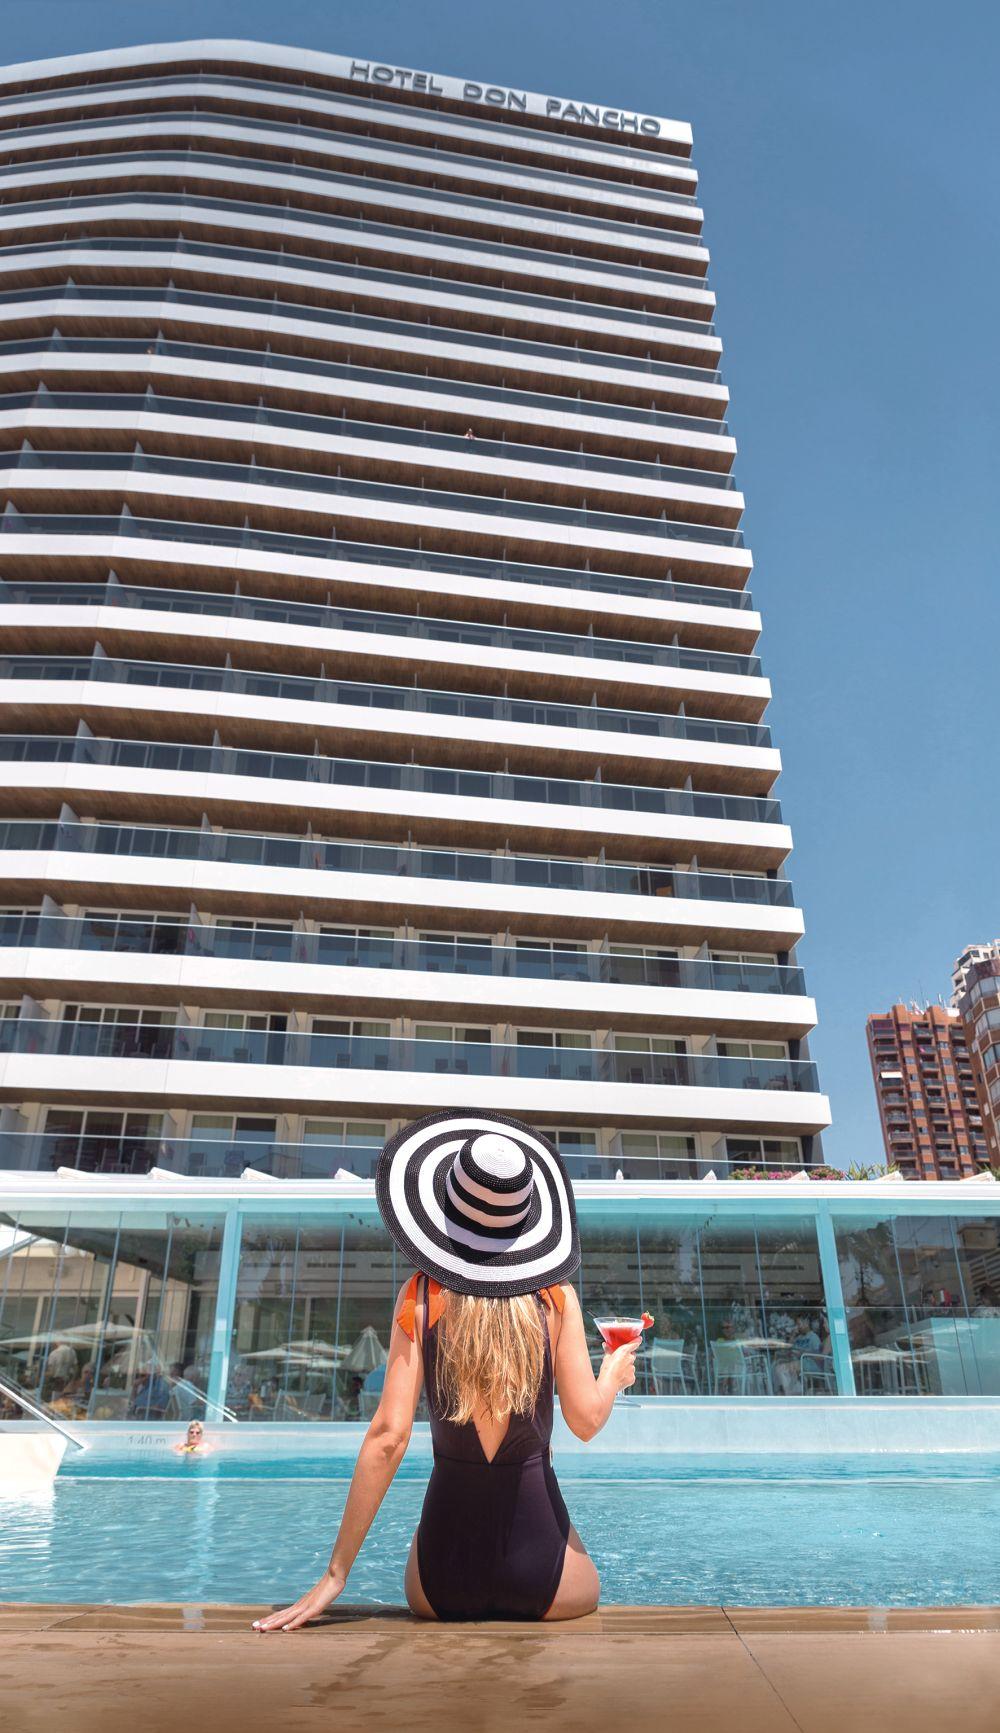 Hotel Don Pancho Benidorm Costa Blanca